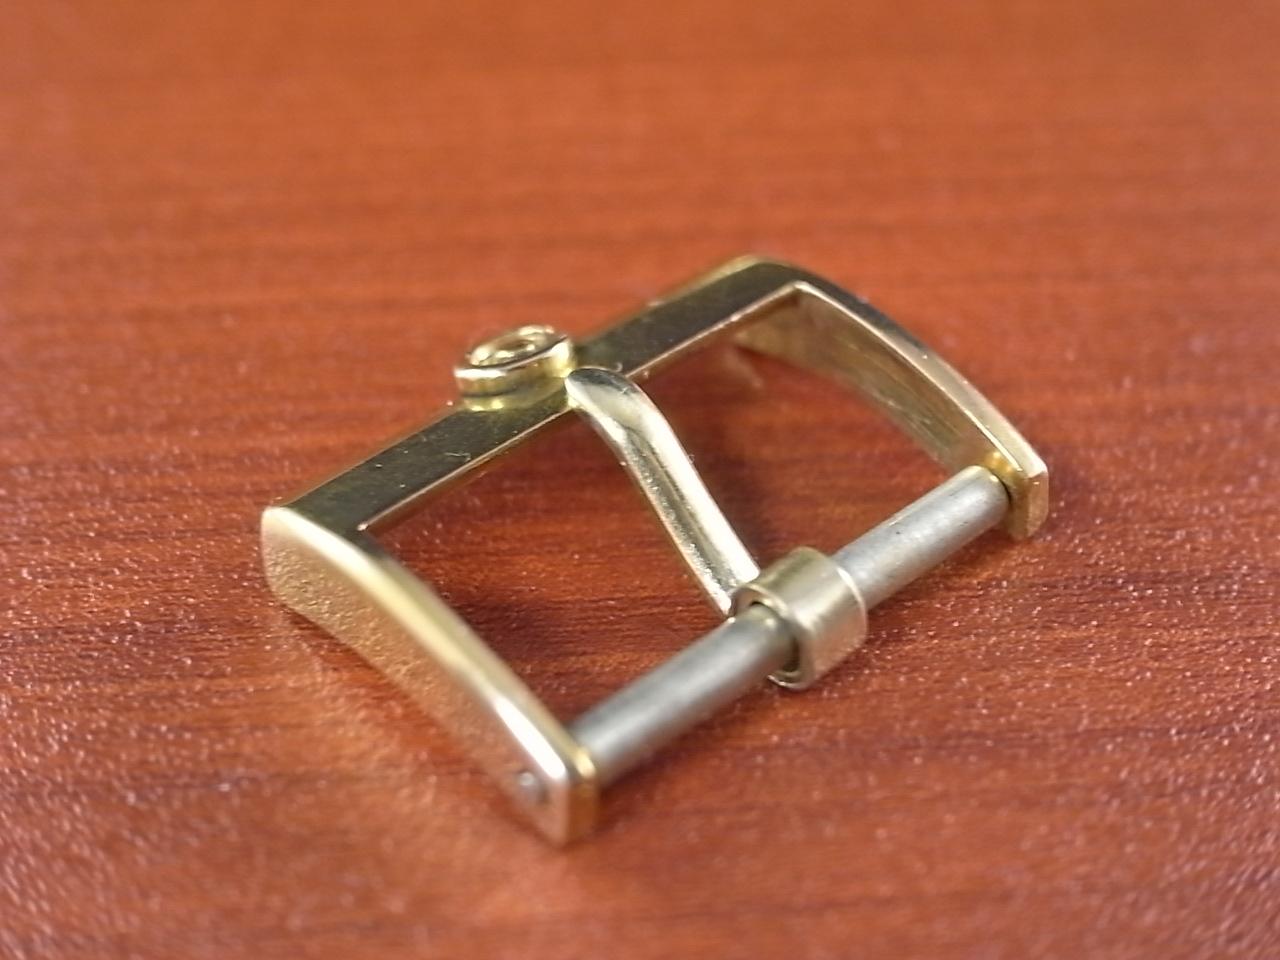 シーマ アンティーク尾錠 GP 16mm 1950年代の写真3枚目